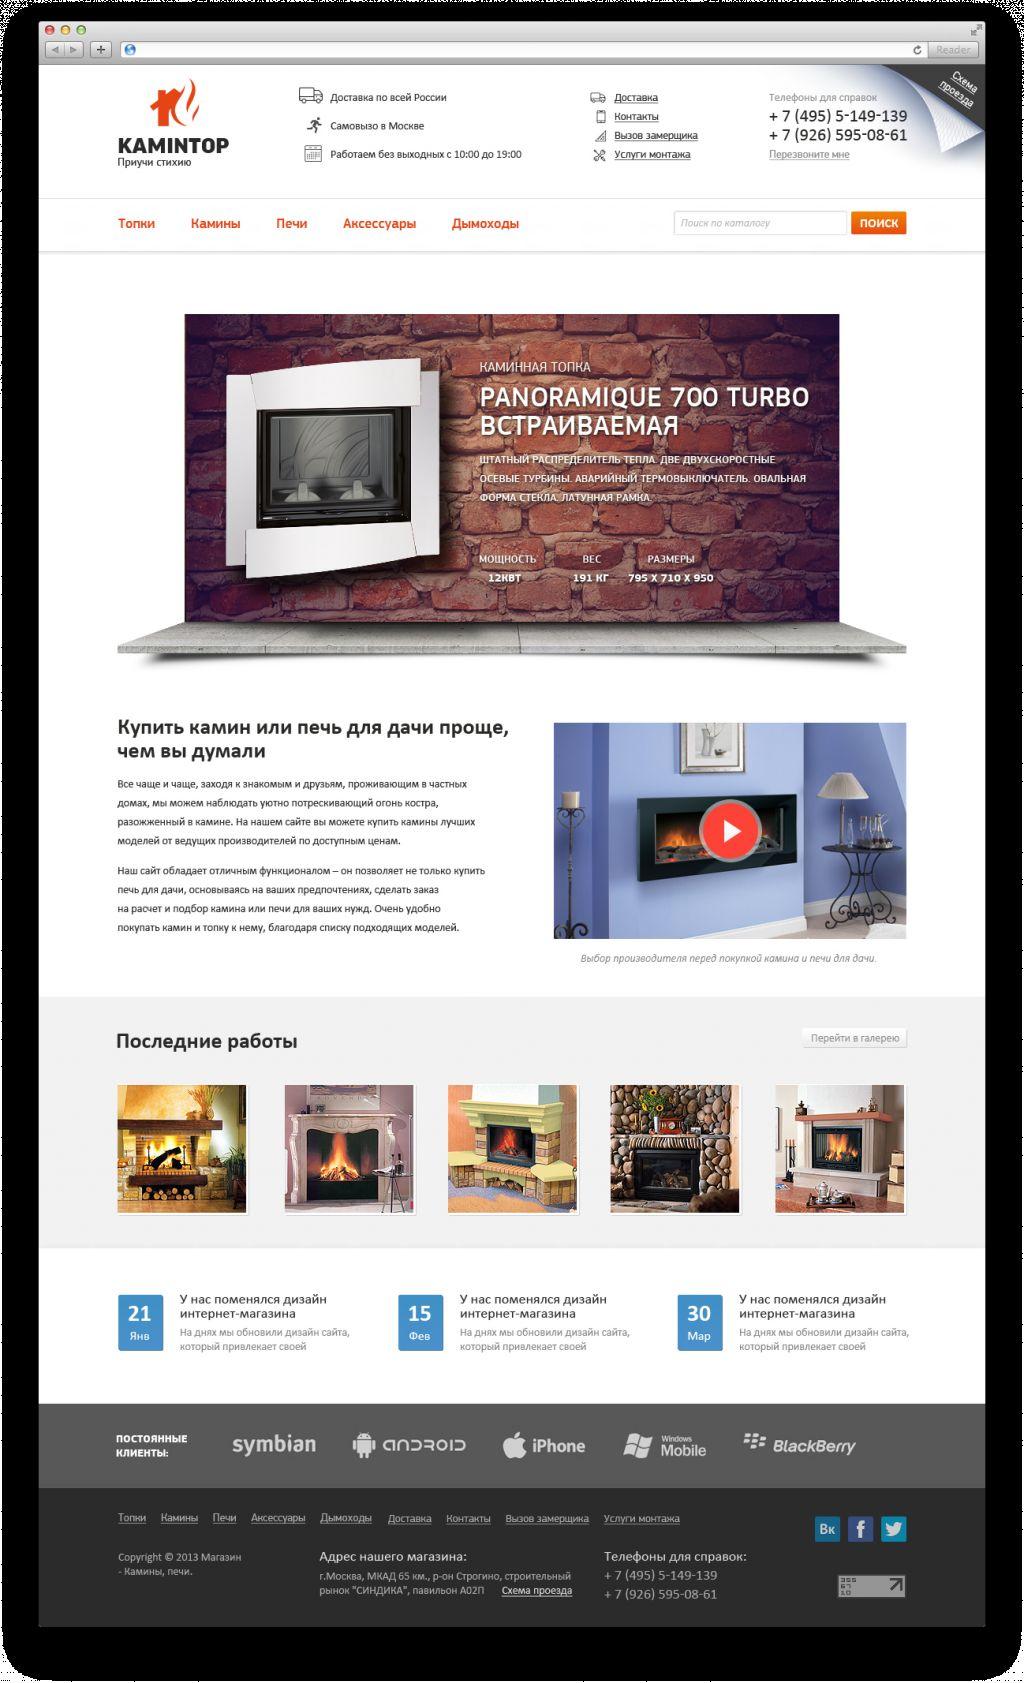 Дизайн сайта интернет магазина - дизайнер Evgen555